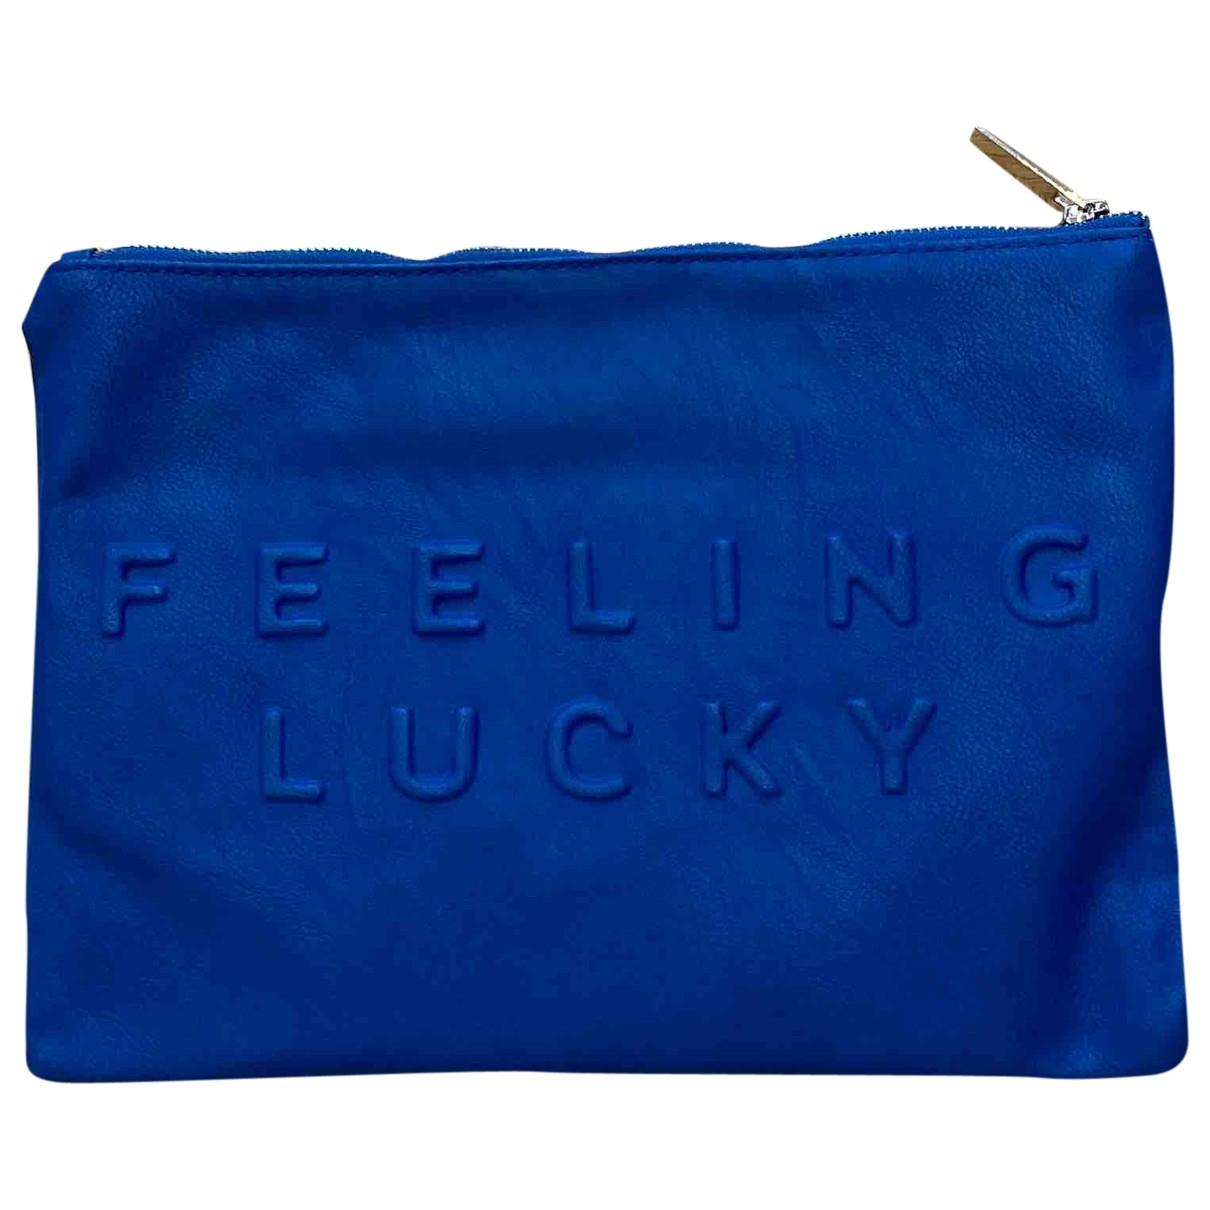 Bolsos clutch en Poliester Azul Zara